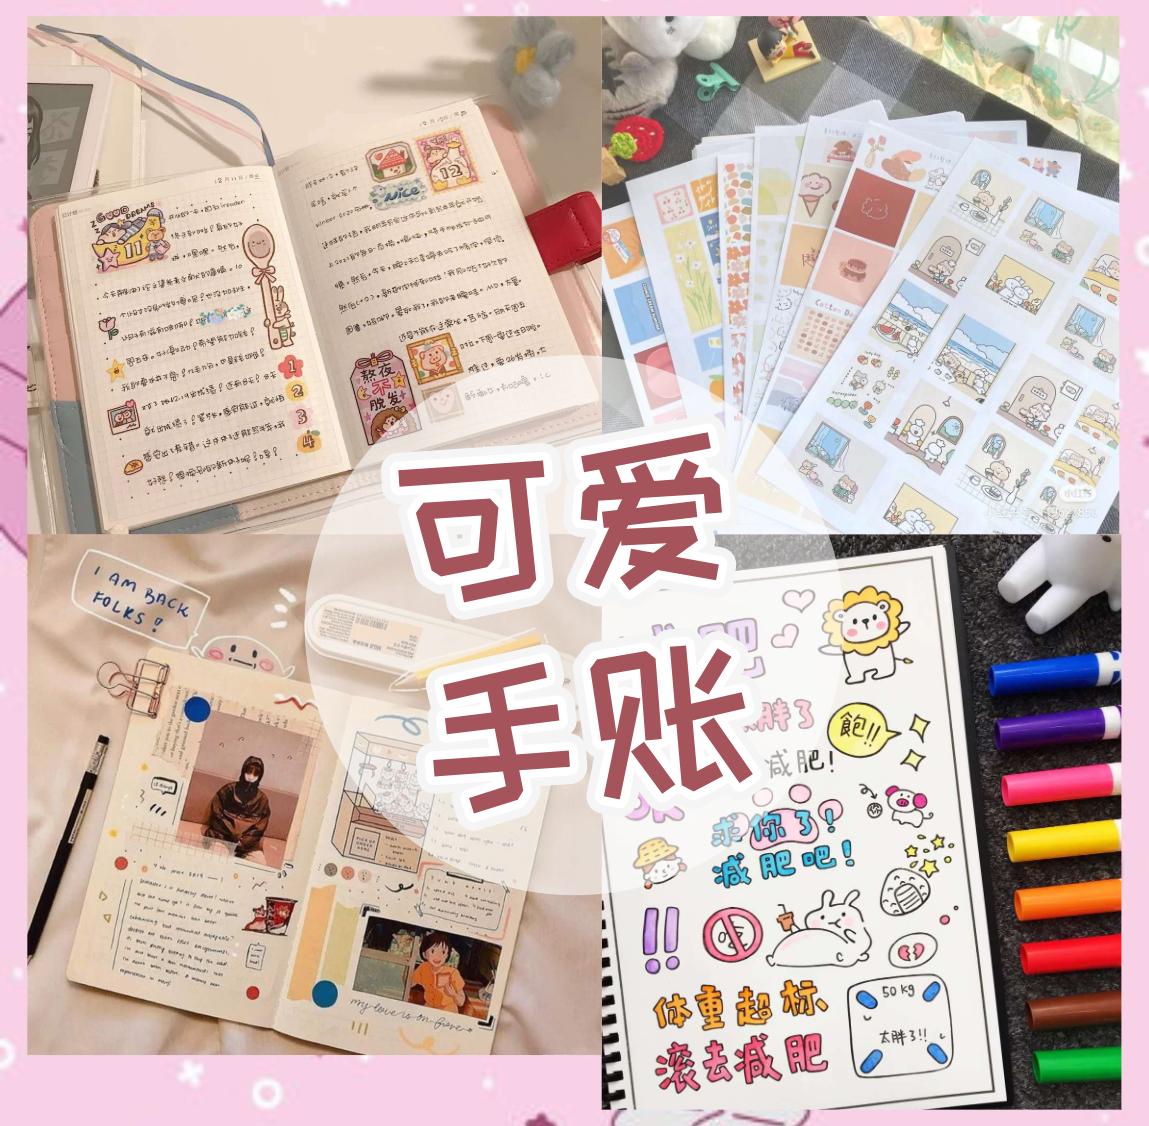 第8页_看图王.png